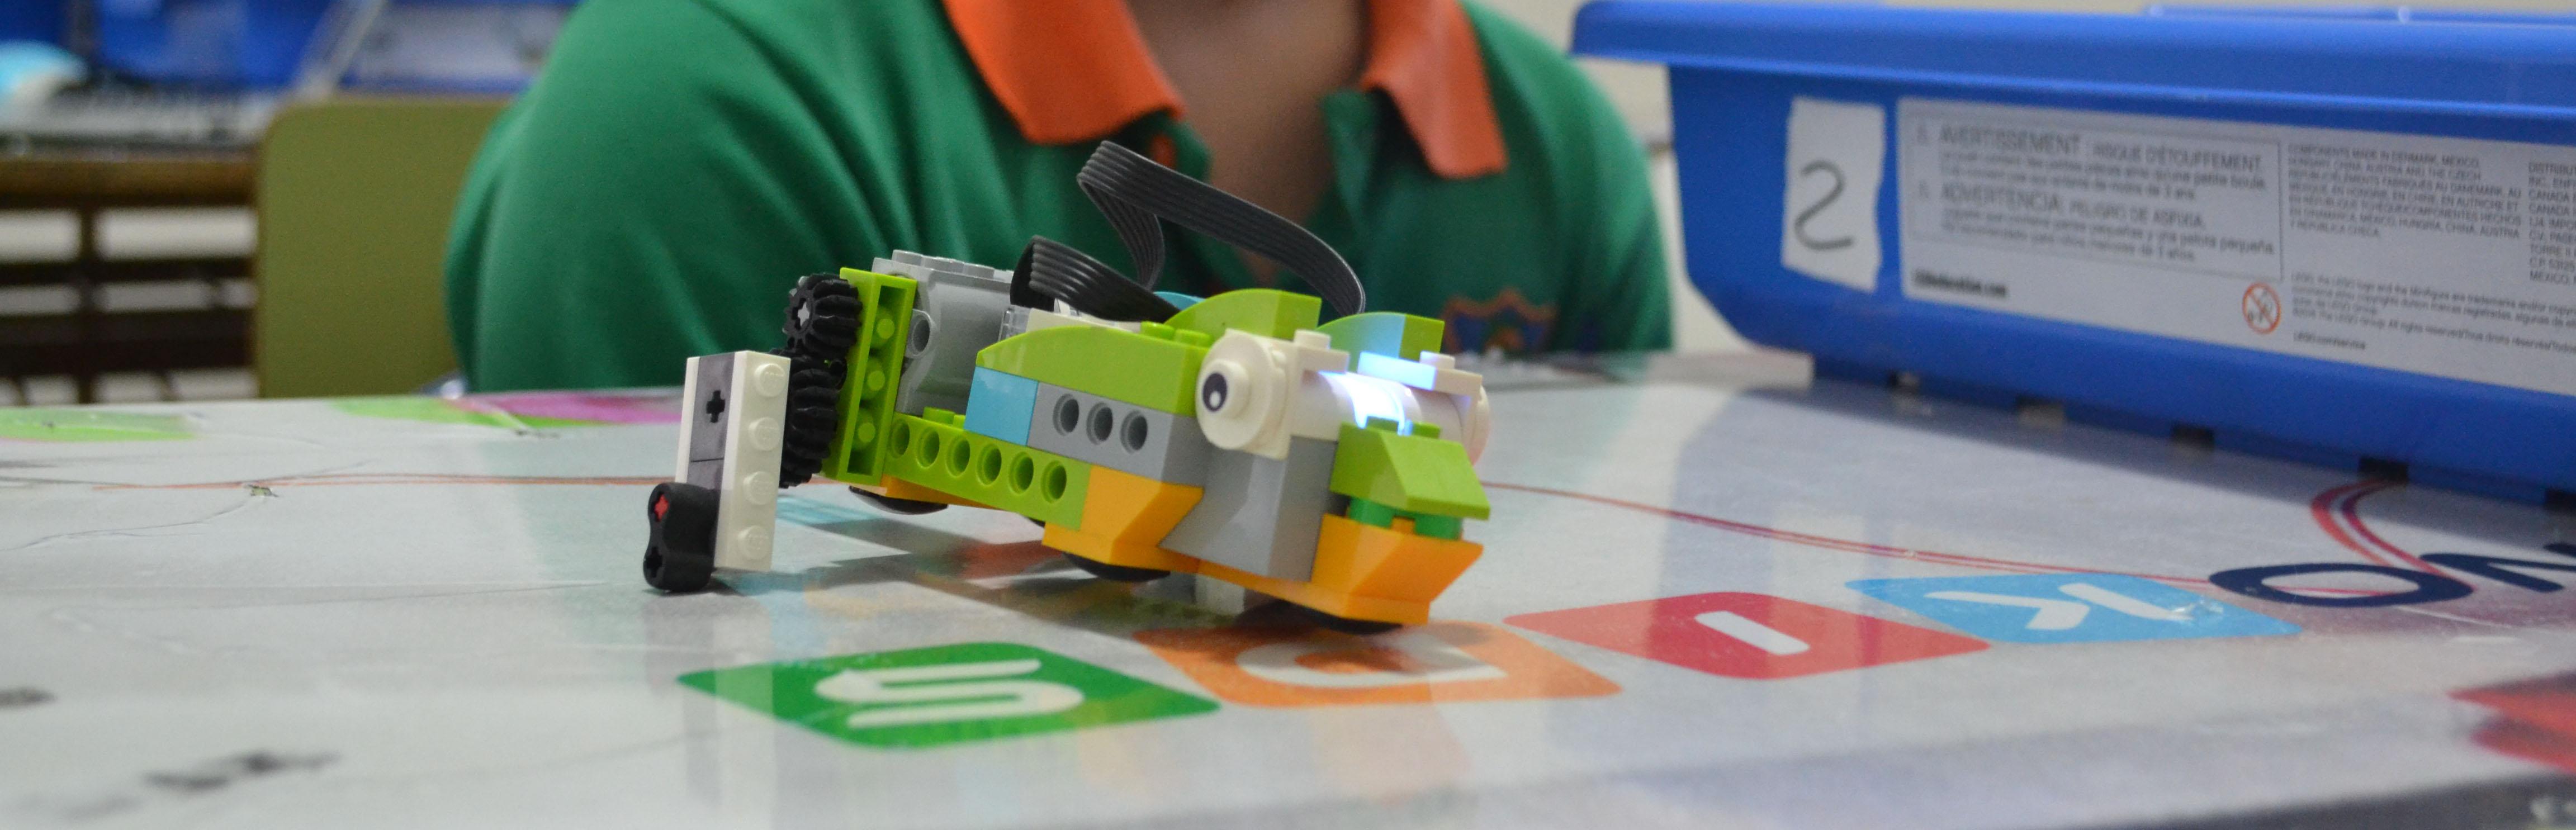 Robótica Educativa: una nueva forma de pensar!